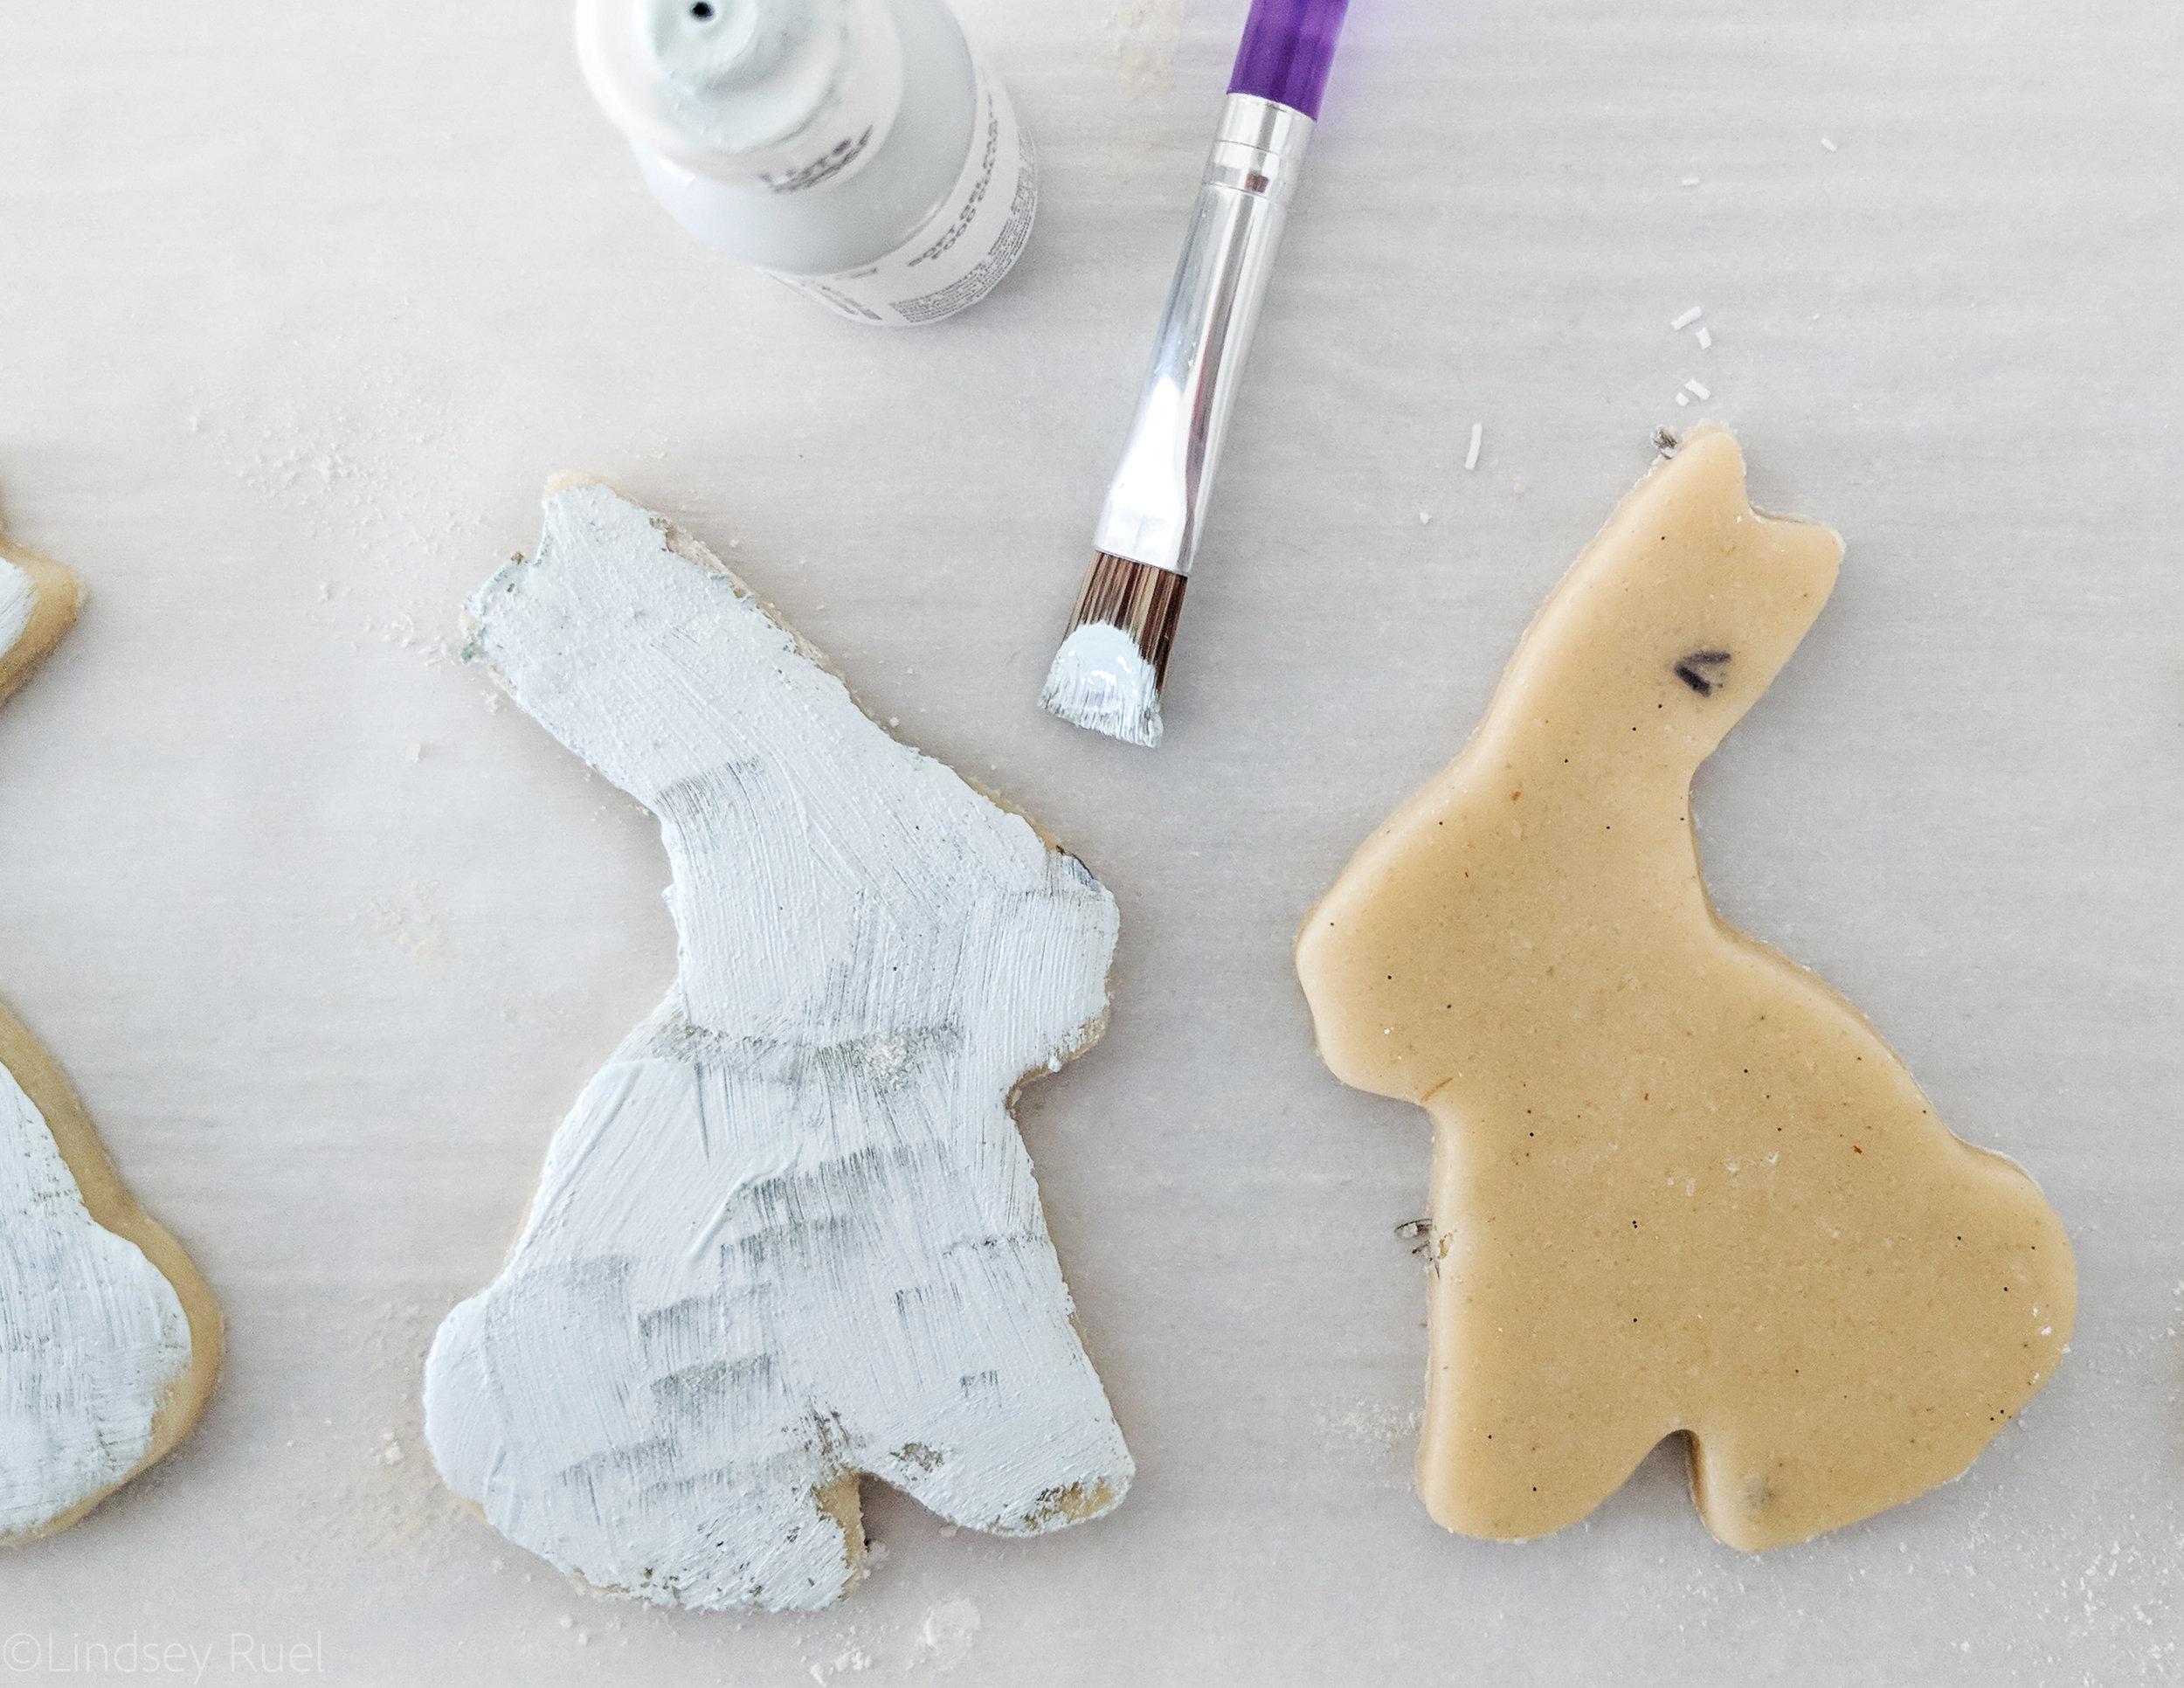 Crackle Effect Cookies-1.jpg